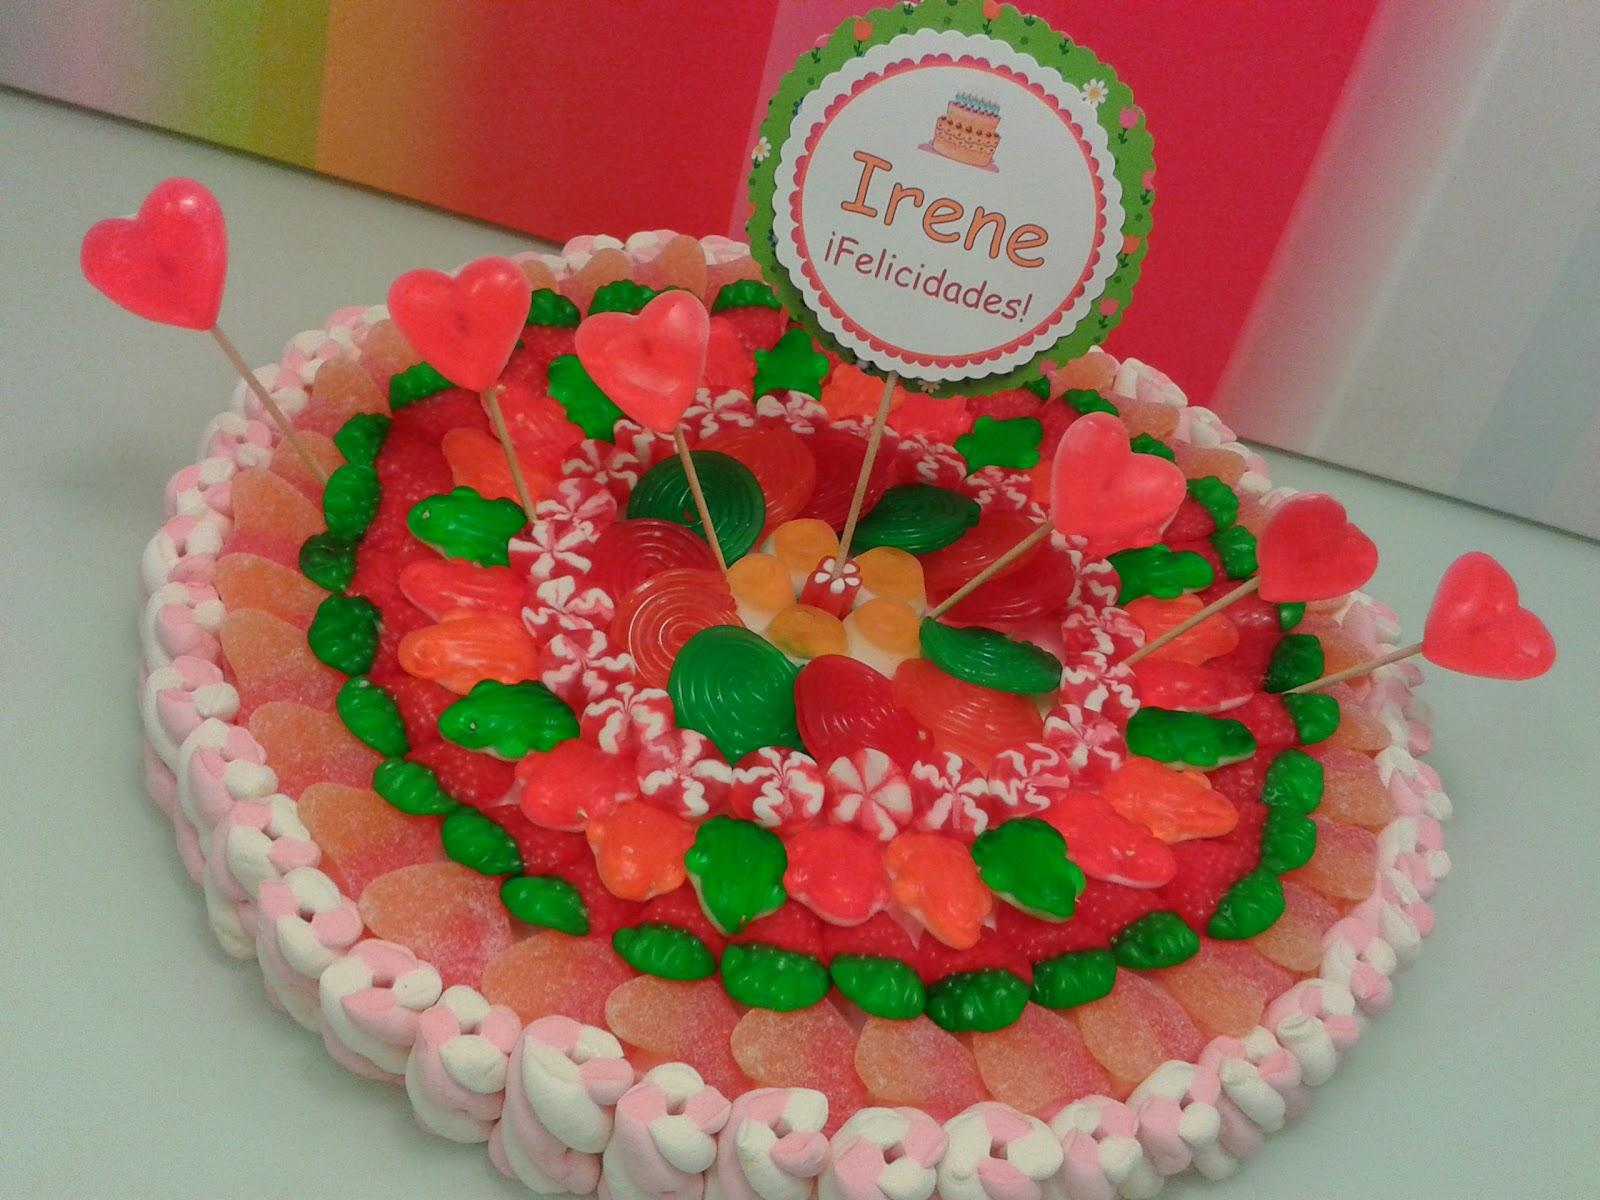 Chuchedetalles pamplona tarta de chuches para irene - Tartas de chuches fotos ...